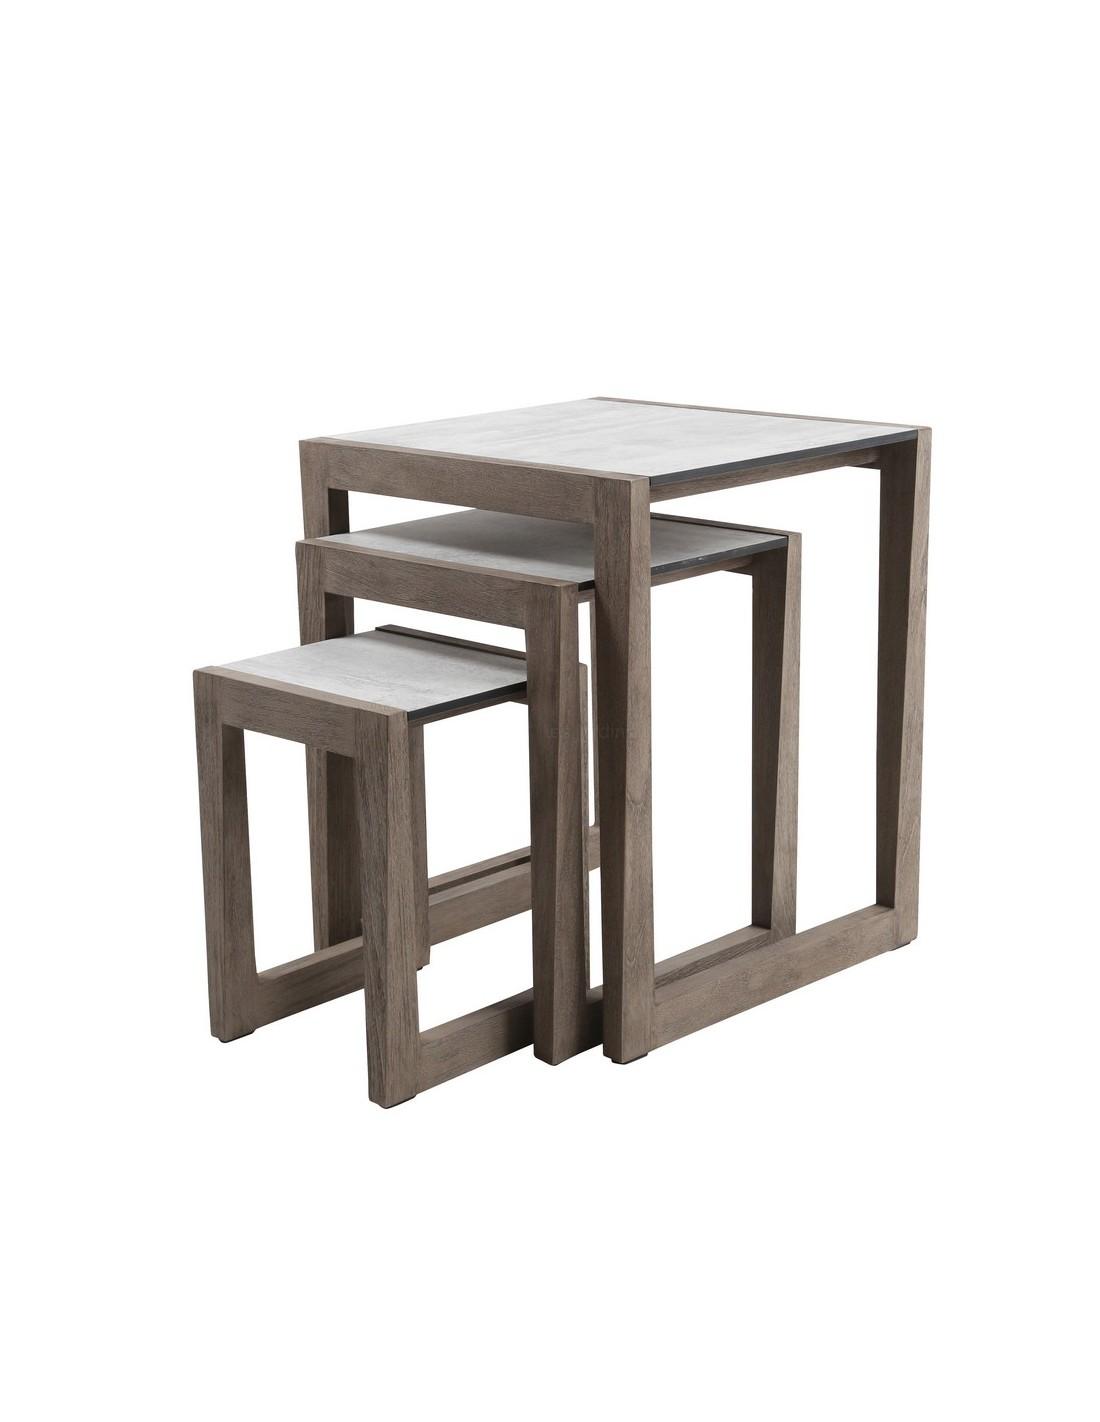 tables gigognes x 3 skaal en teck duratek et hpl les jardins. Black Bedroom Furniture Sets. Home Design Ideas